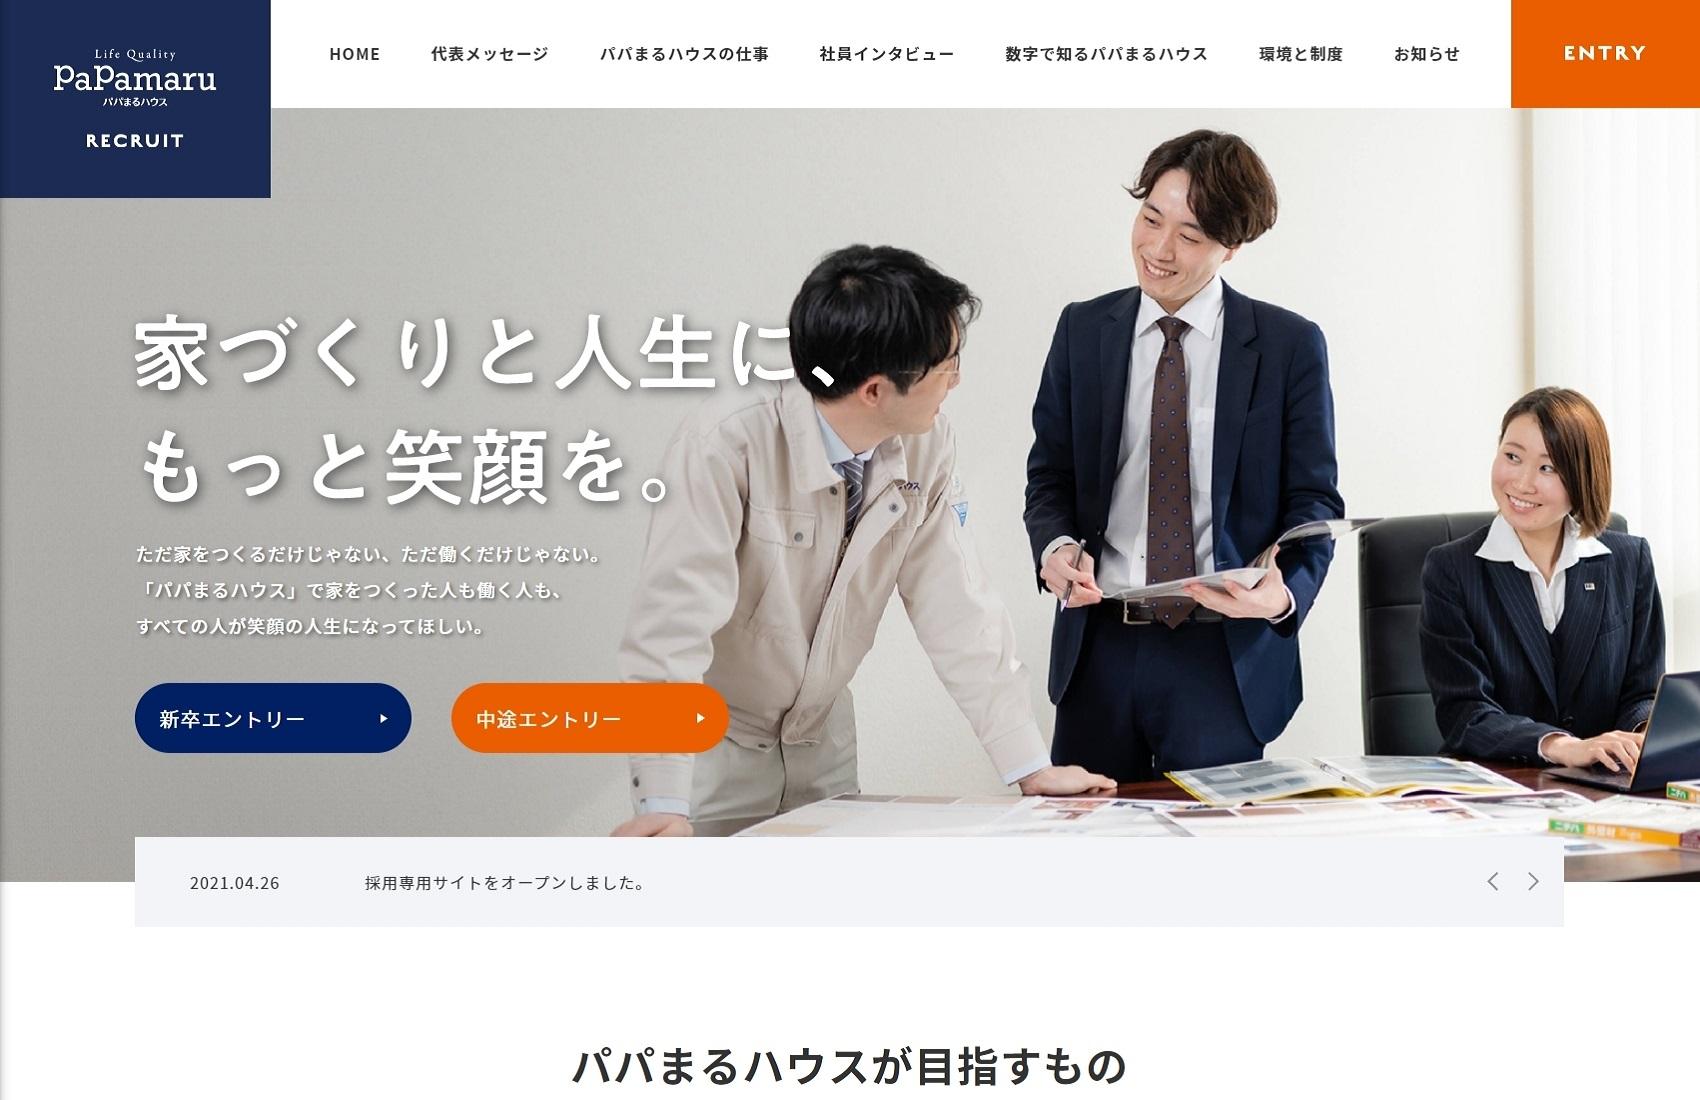 contents-website-5